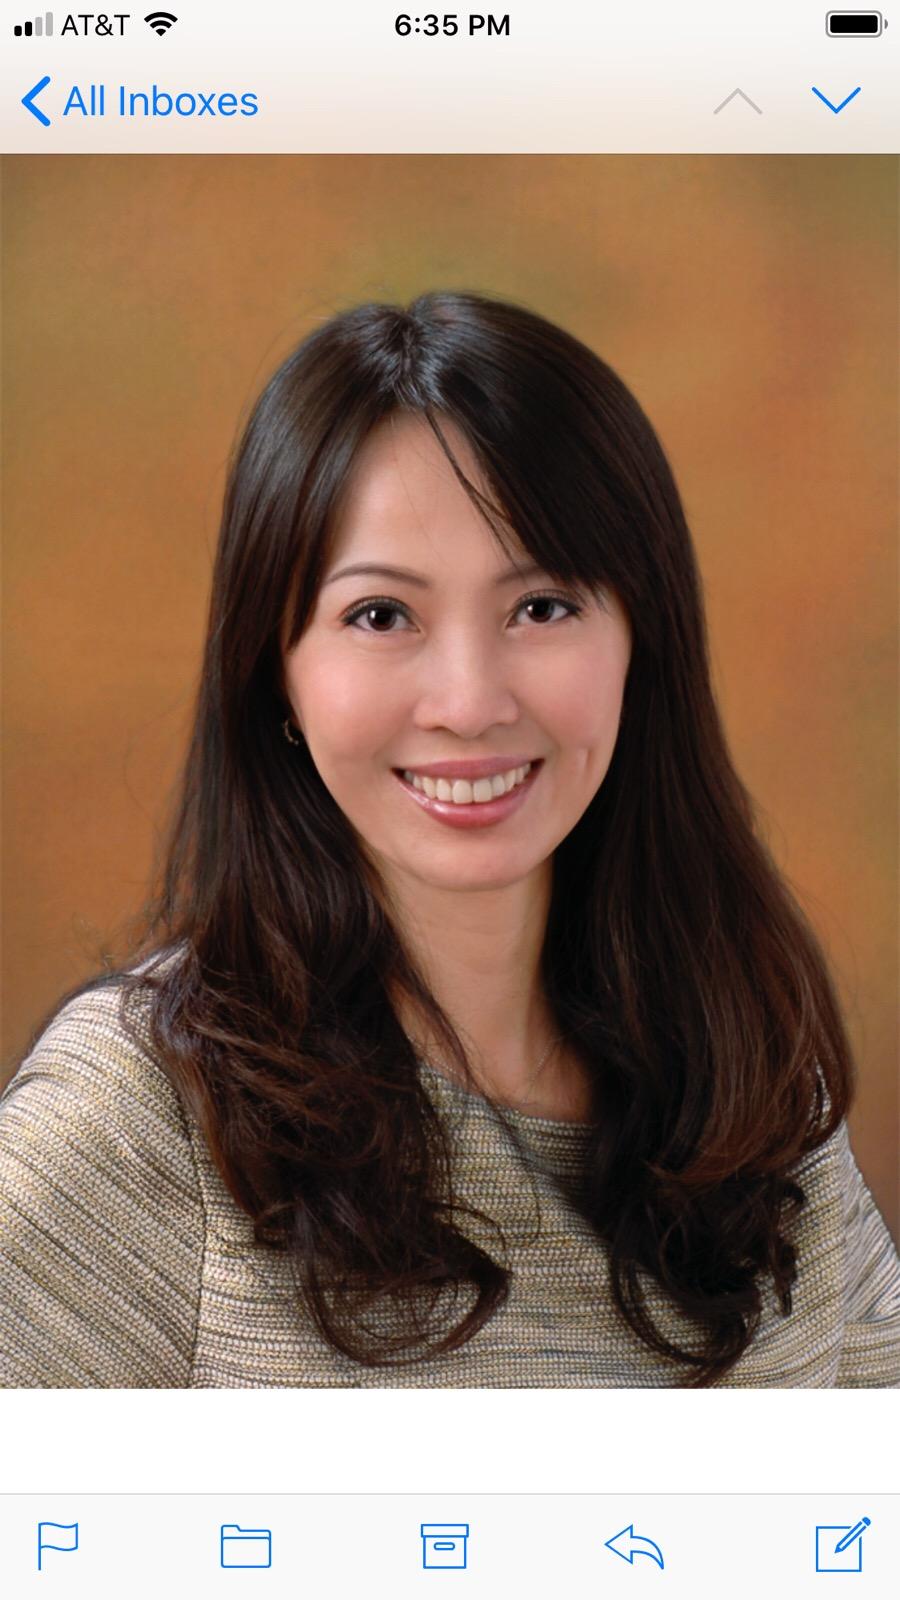 Allison Chuhui undefined Huang